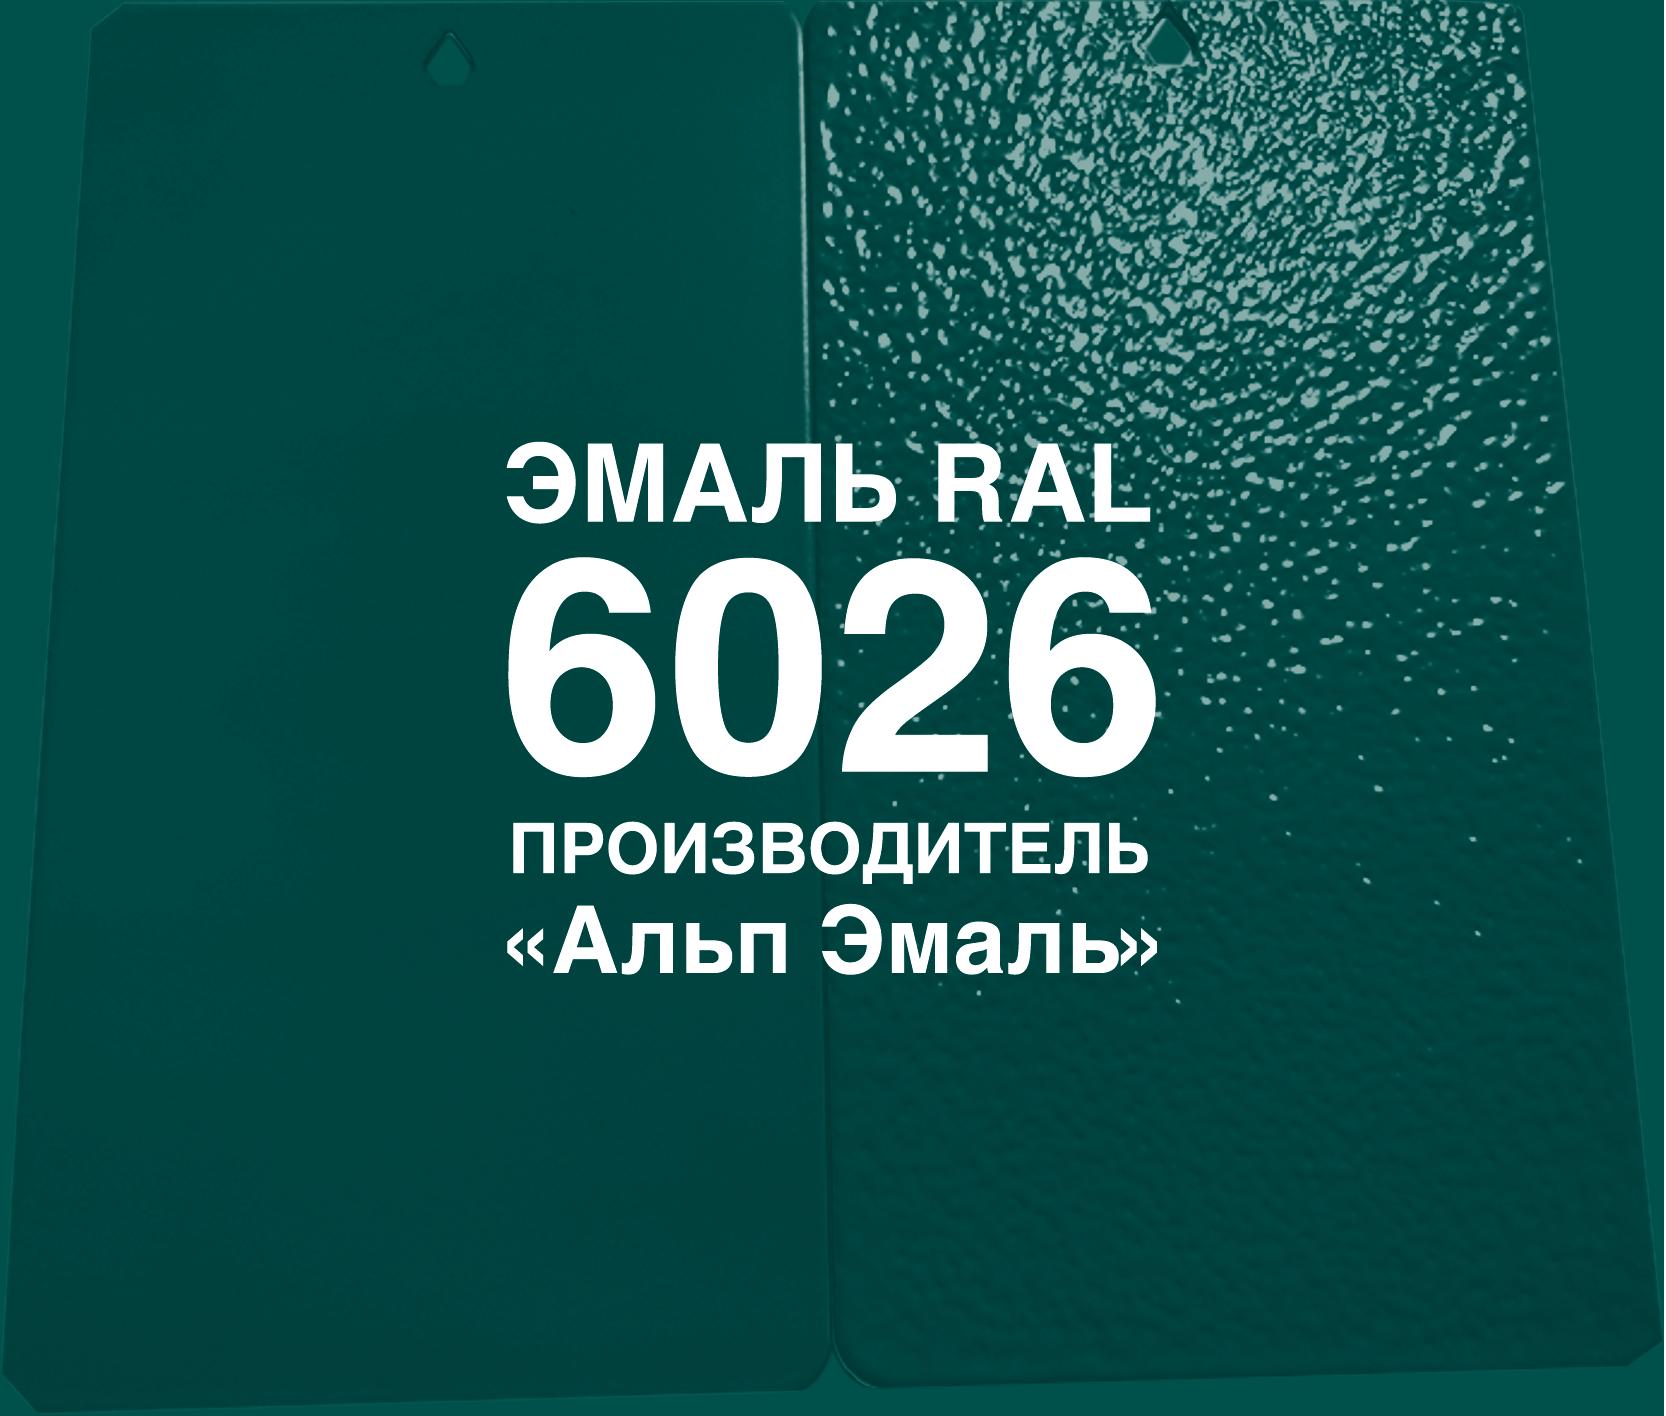 Краска эмаль RAL 6026 зеленая ЗАО Альп Эмаль